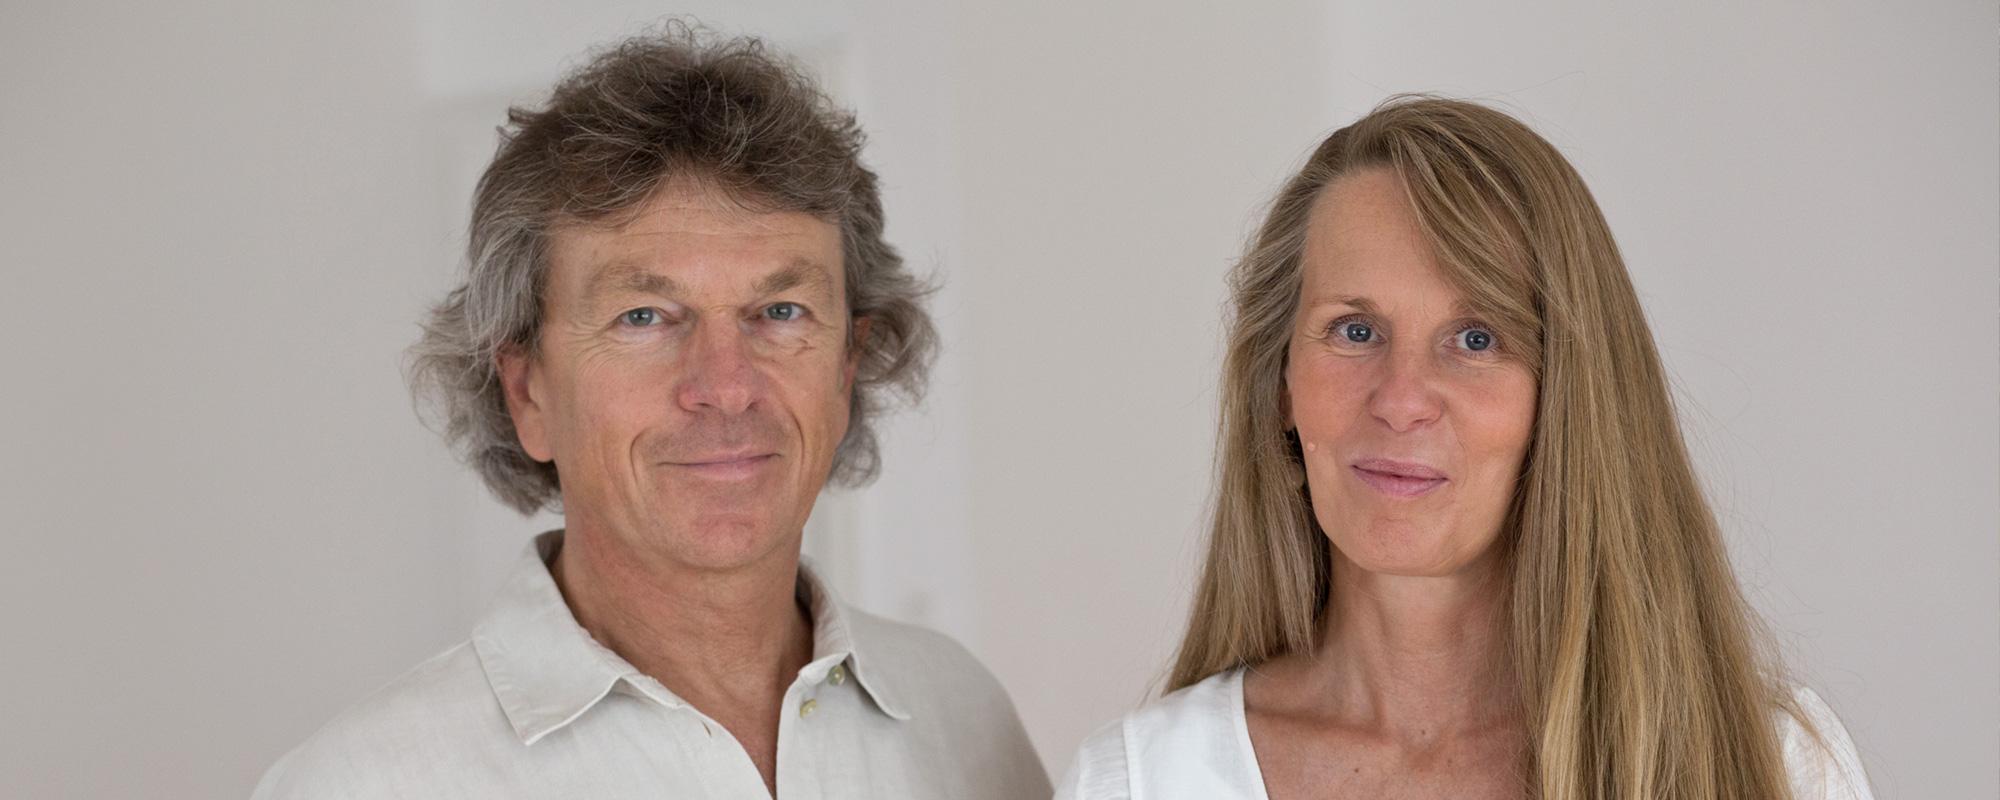 Heilpraktikerin Petra M. Quack | Thomas M. Quack Heilpraktiker für Psychotherapie | Zentrum für ganzheitliche Traumatherapie